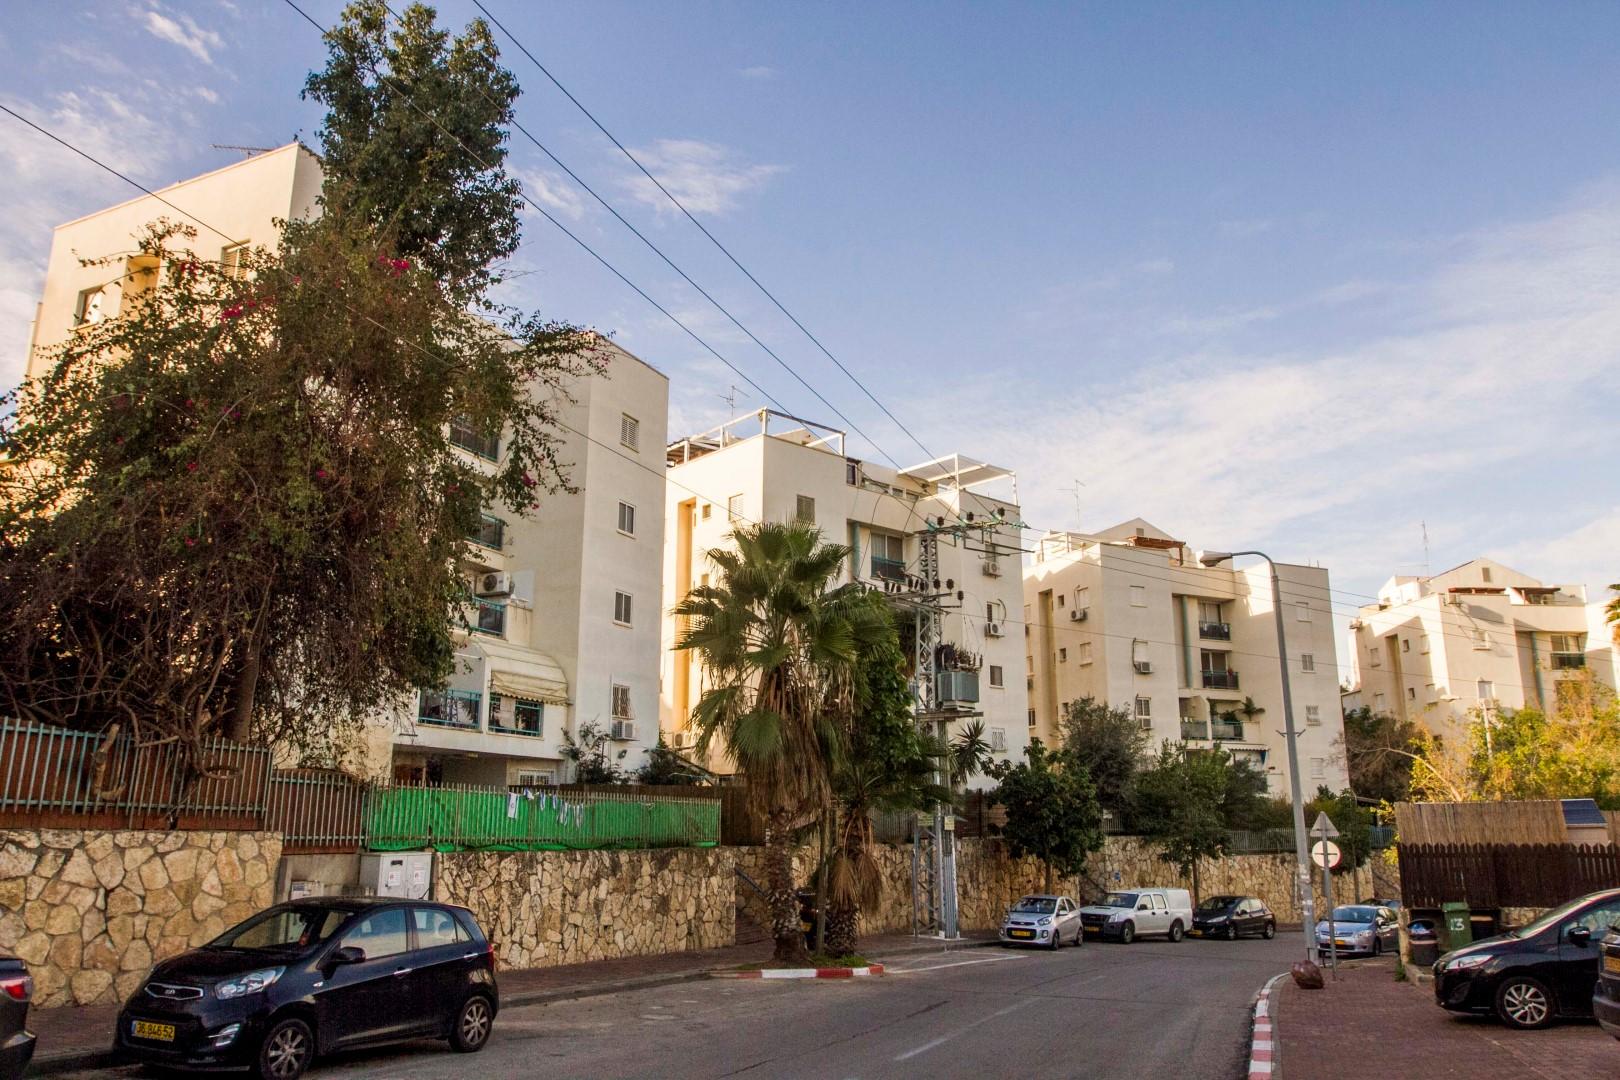 שכונת נווה אפק (צילום: עידו ארז) (צילום: עידו ארז)